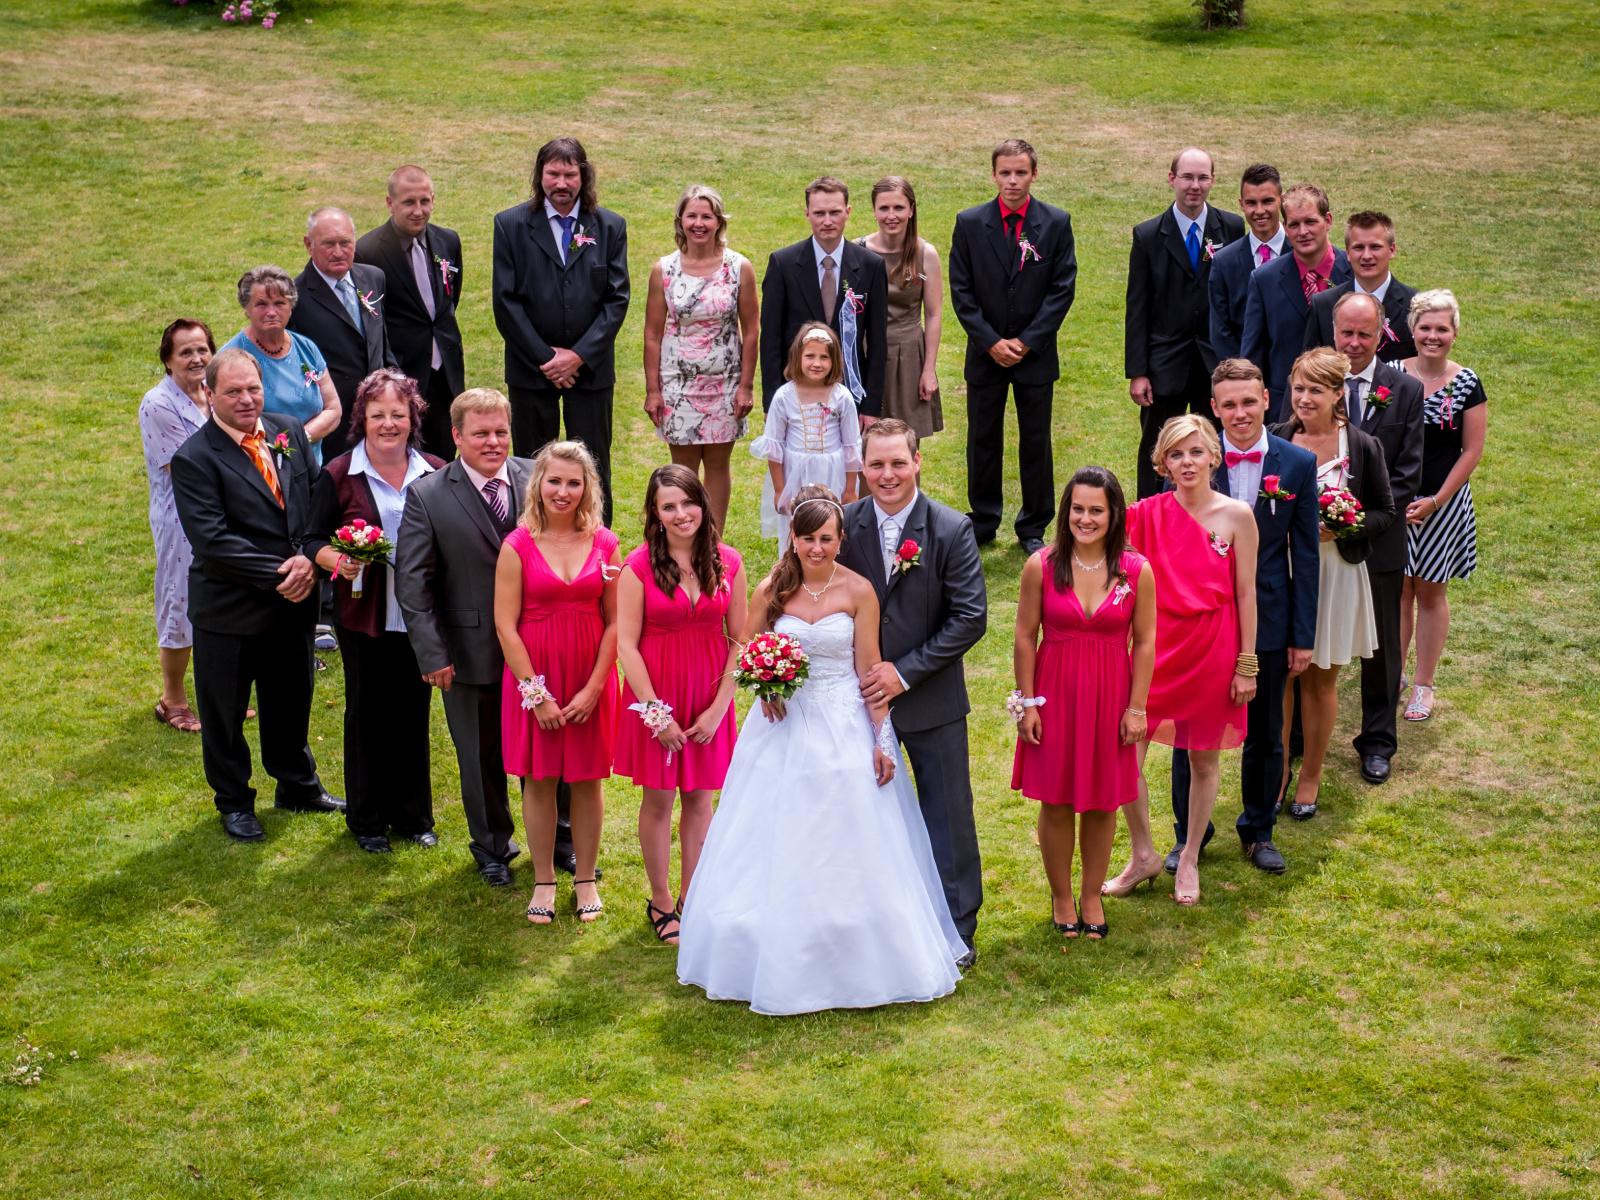 Focení svateb by měl být především koníček, který fotografa baví